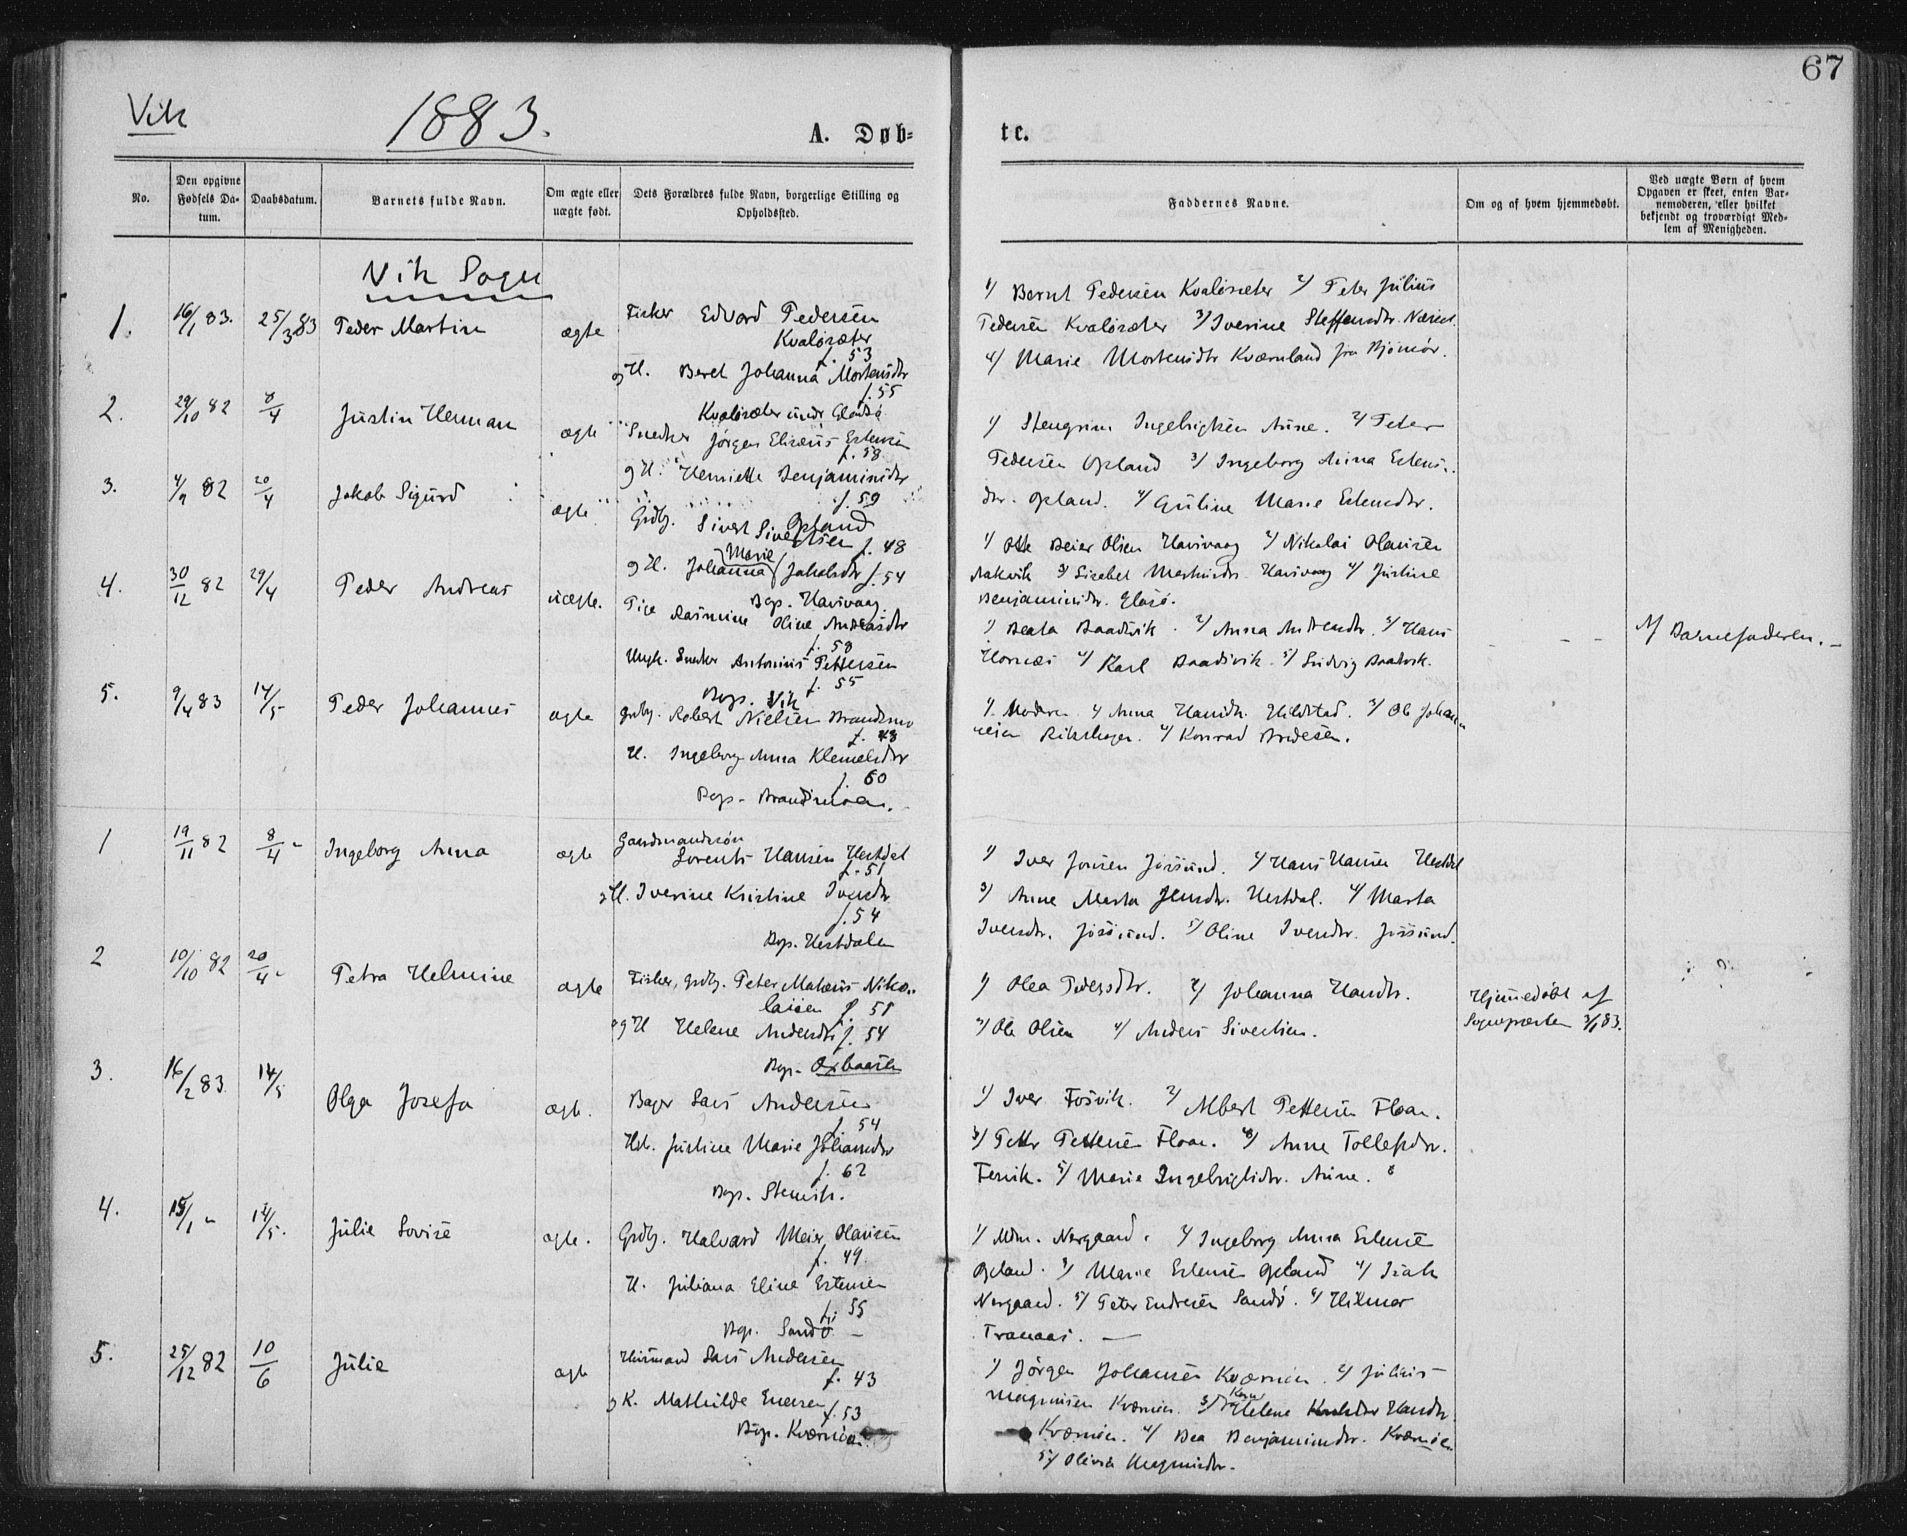 SAT, Ministerialprotokoller, klokkerbøker og fødselsregistre - Nord-Trøndelag, 771/L0596: Ministerialbok nr. 771A03, 1870-1884, s. 67